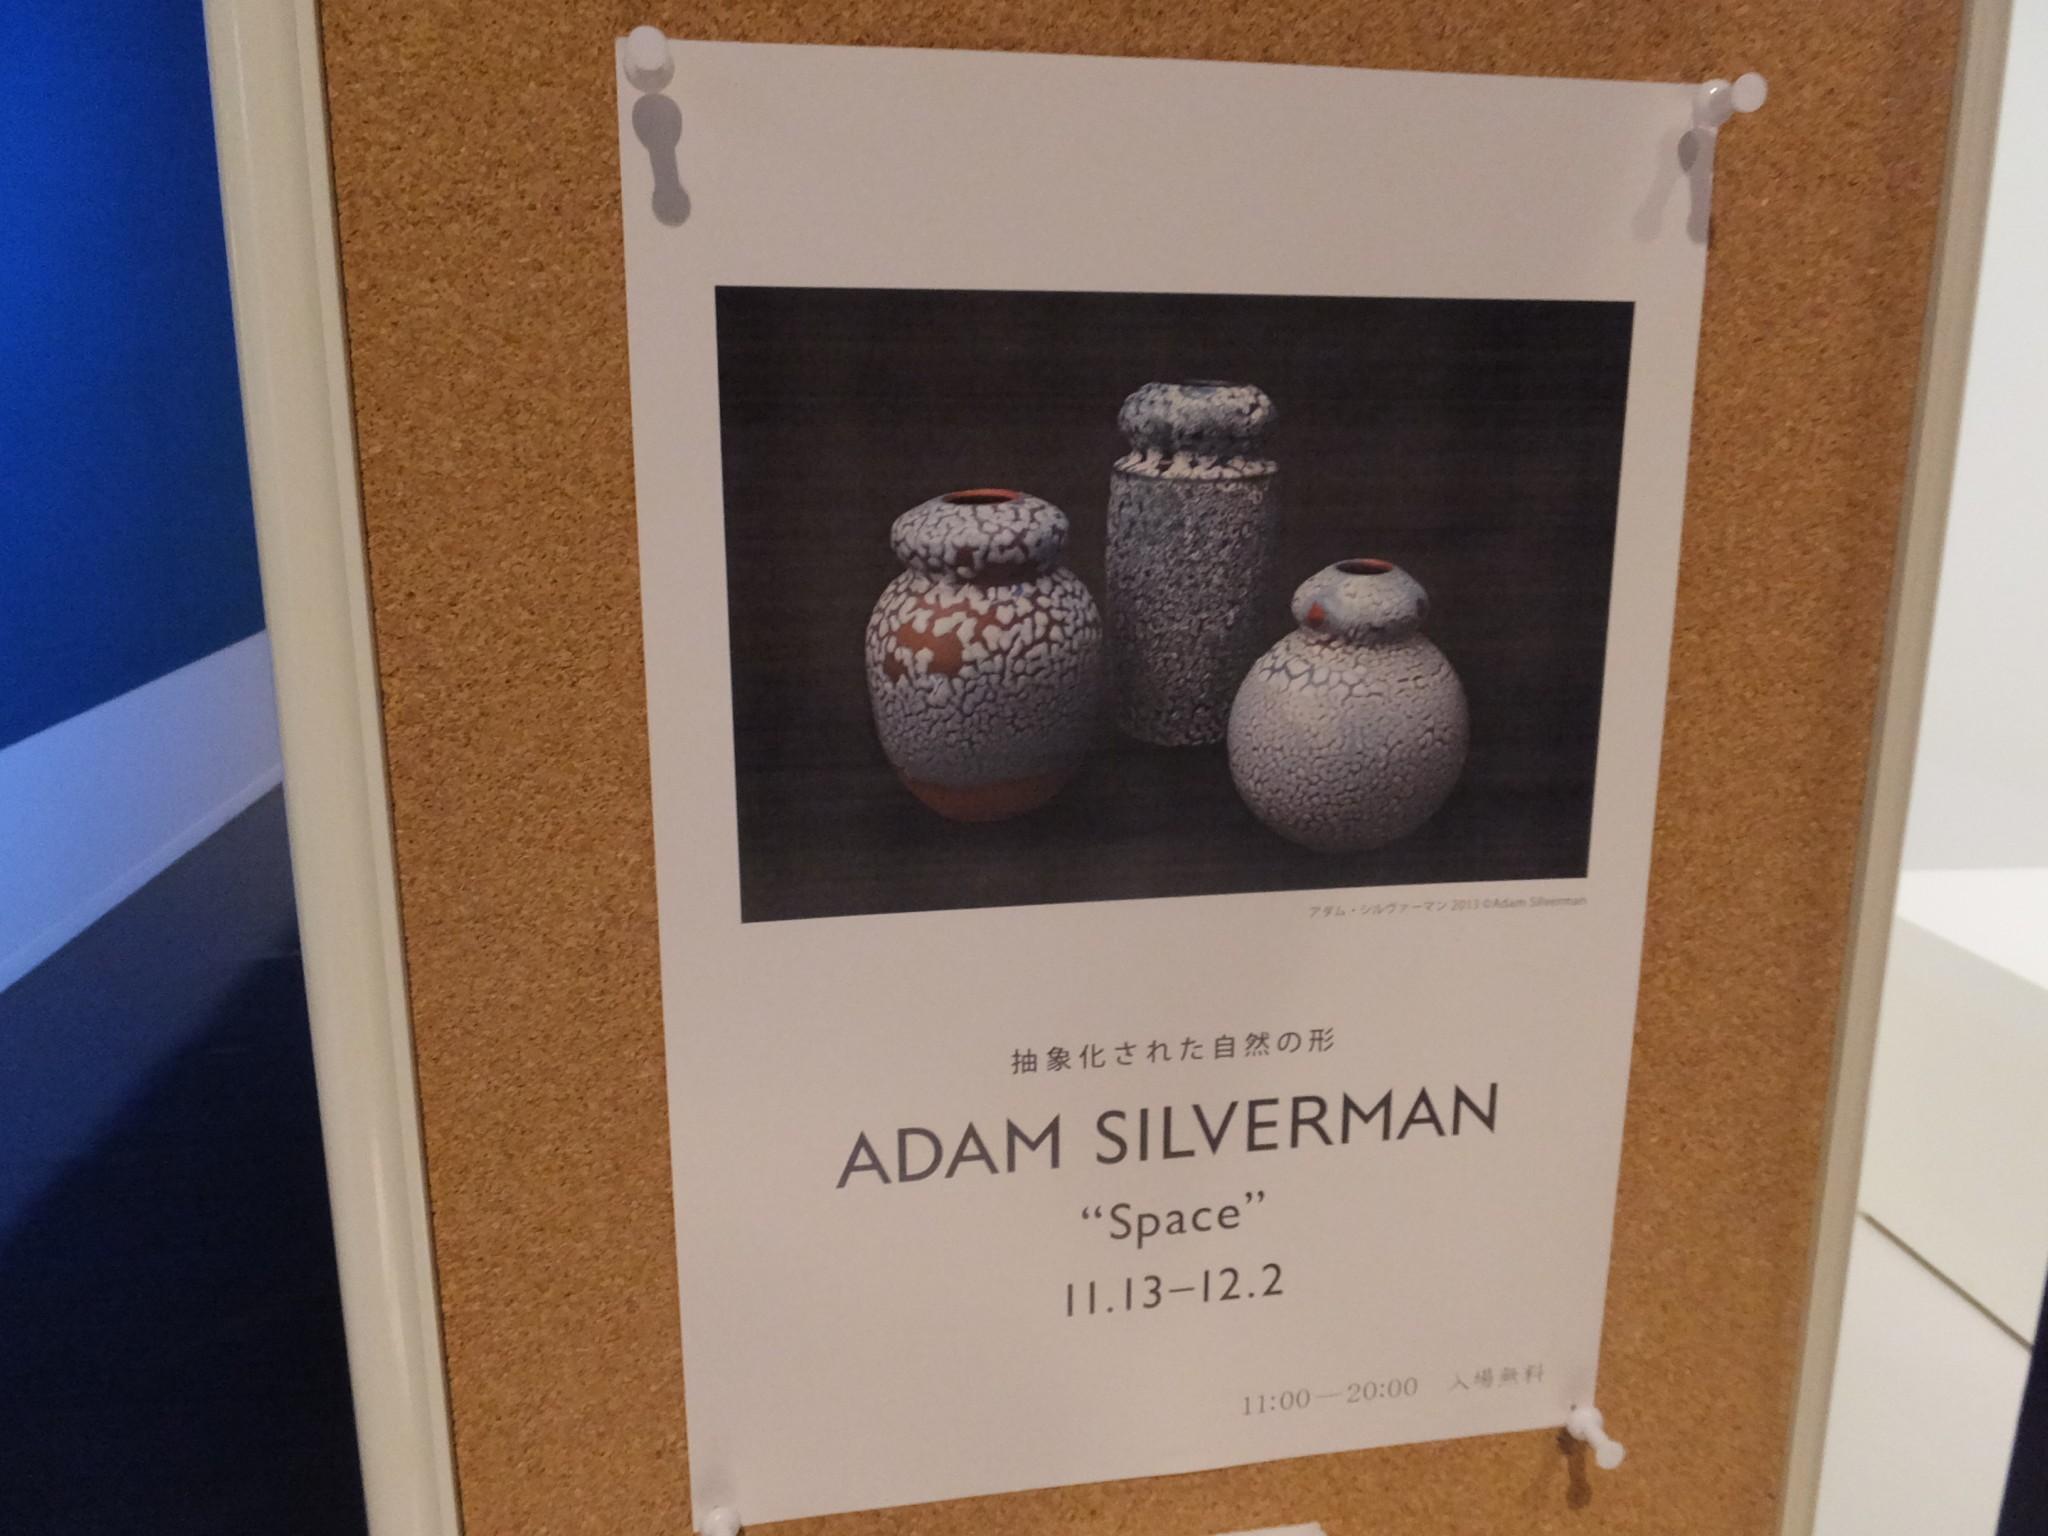 アダム・シルヴァーマン展 「Space」